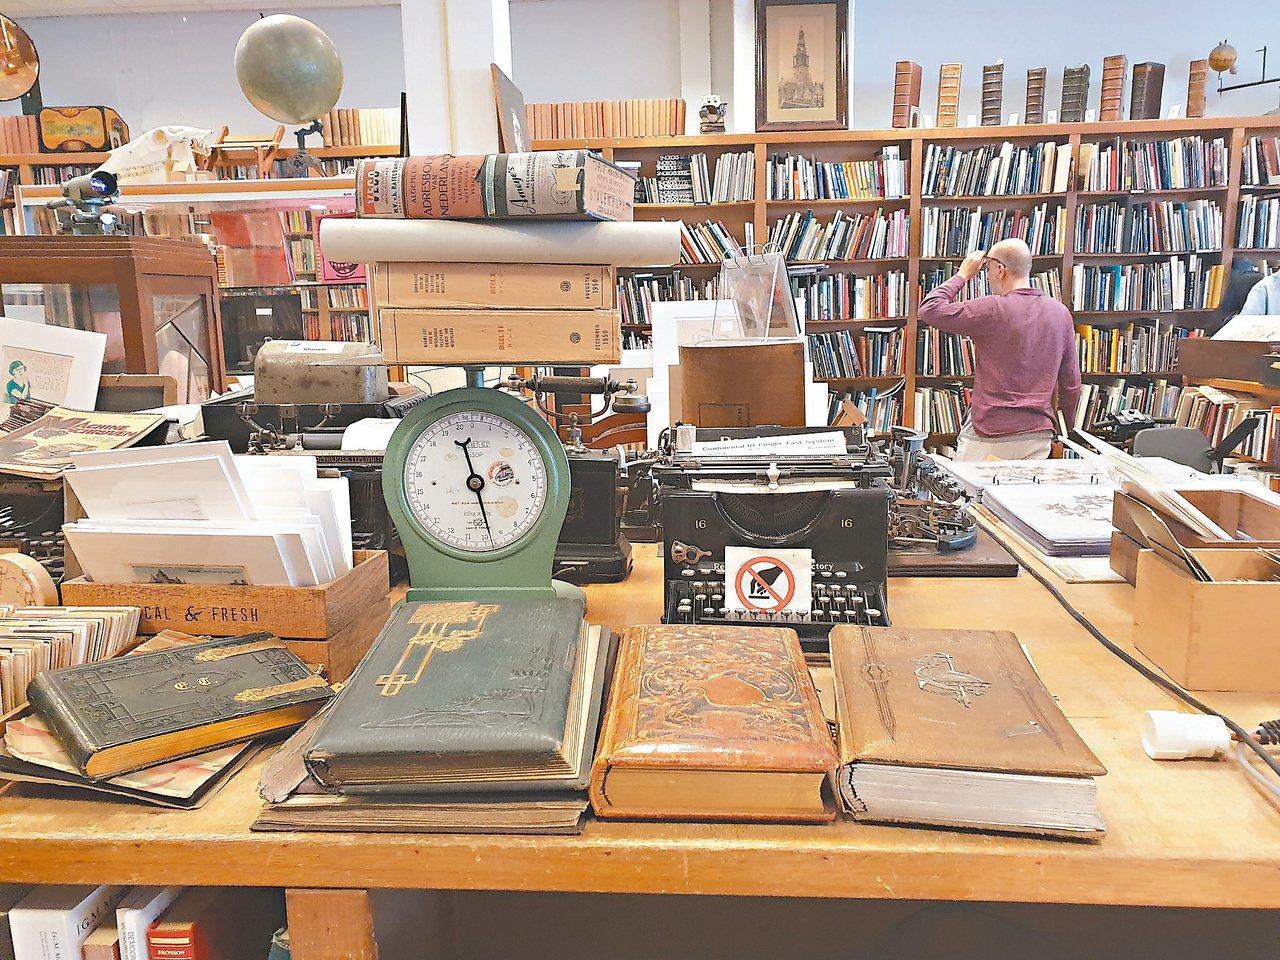 阿姆斯特丹一家古書店,有賣十七世紀那種老式精裝、保存完好的古版書。